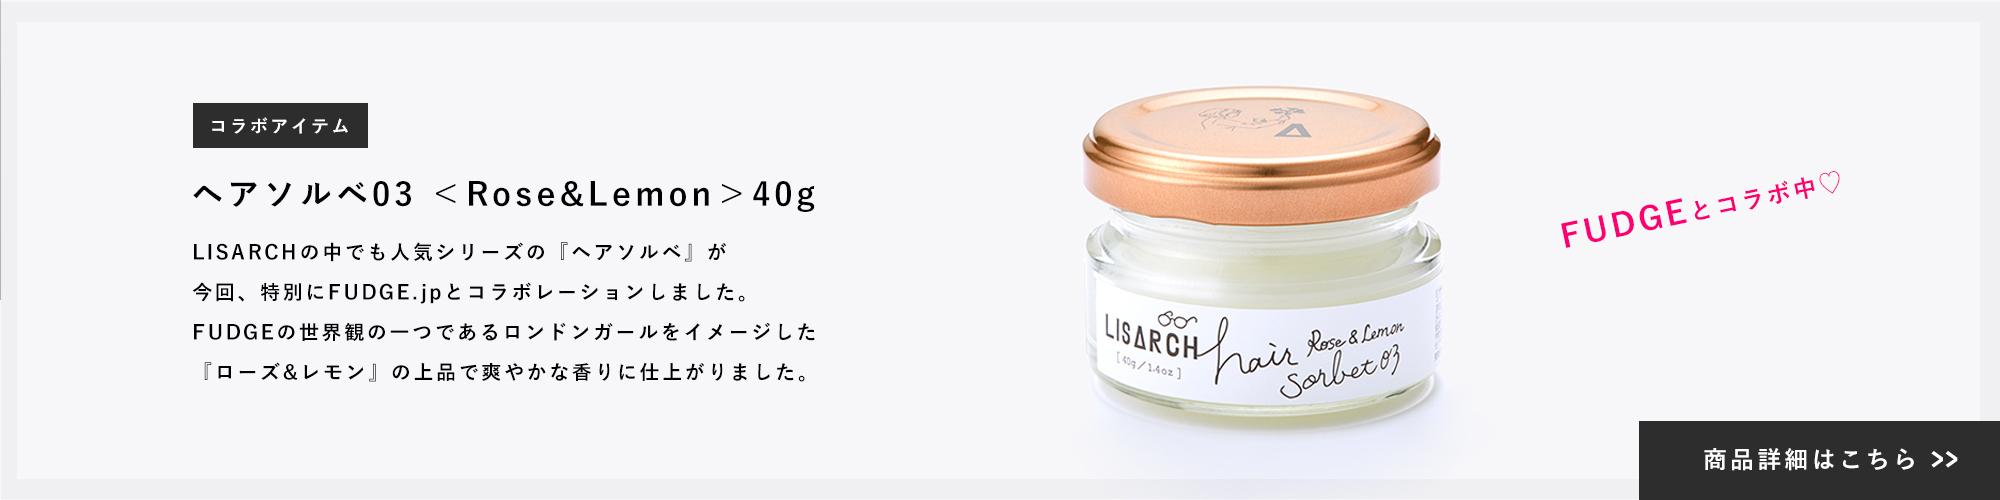 FUDGEとコラボ!ヘアソルベ03 <Rose&Lemon>40g